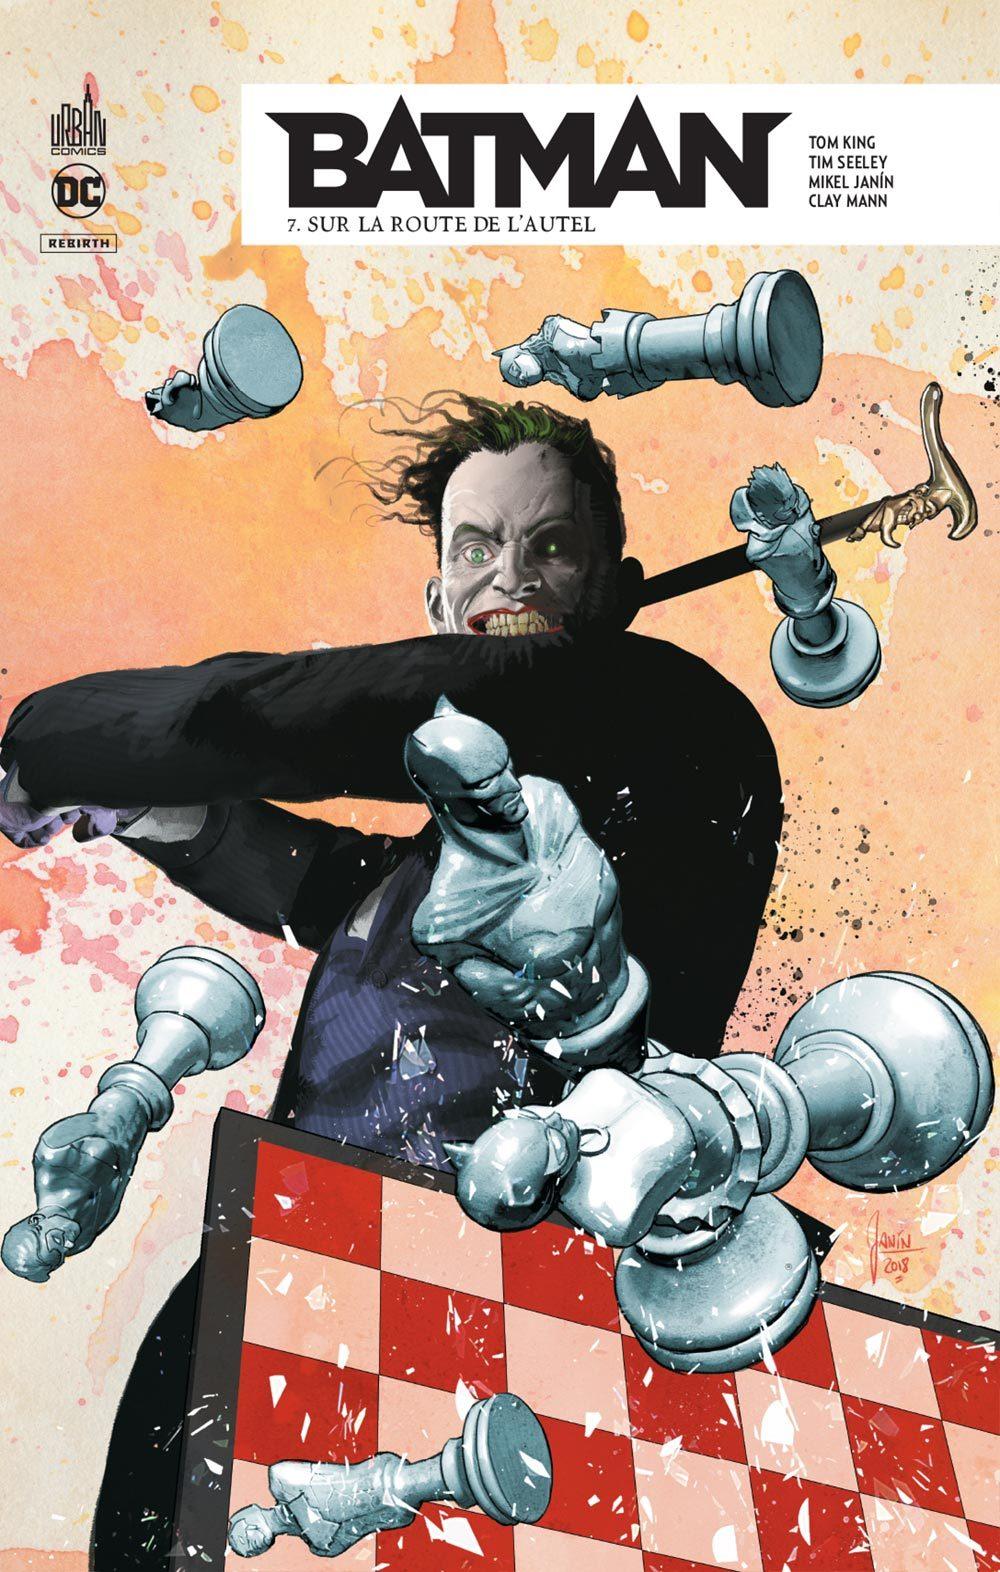 DC REBIRTH - BATMAN REBIRTH TOME 7